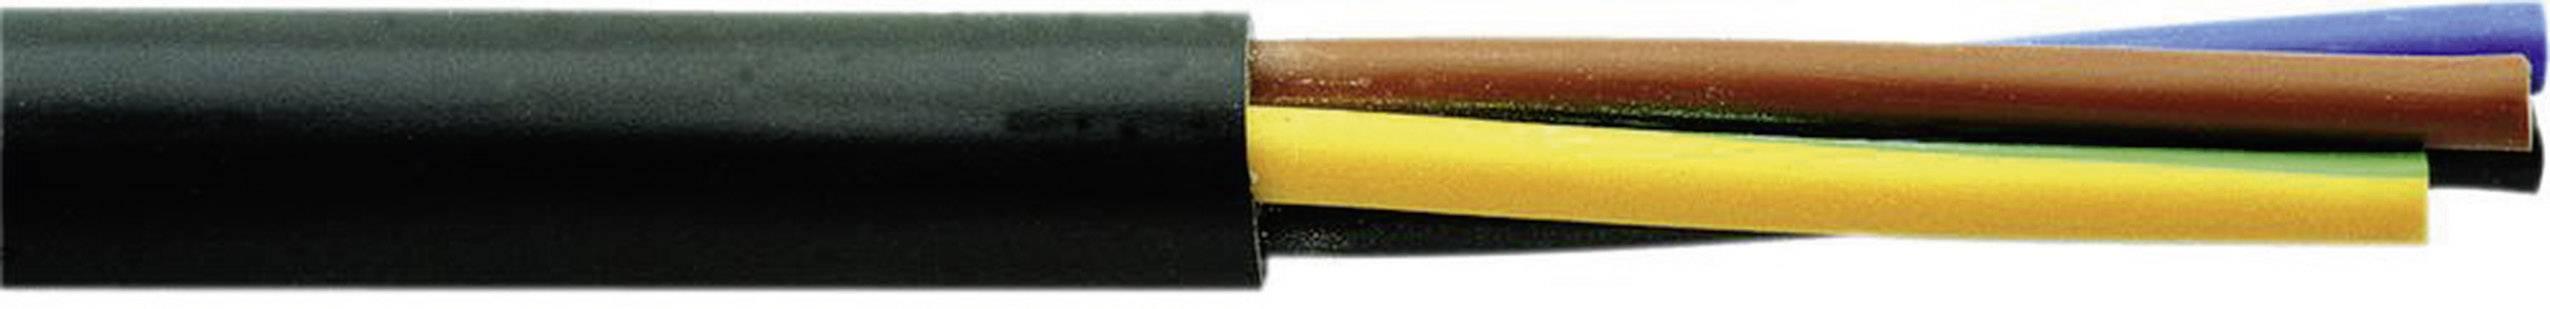 El. kábel hadicový H05RR-F Faber Kabel 050023, 3 G 0.75 mm², čierna, metrový tovar